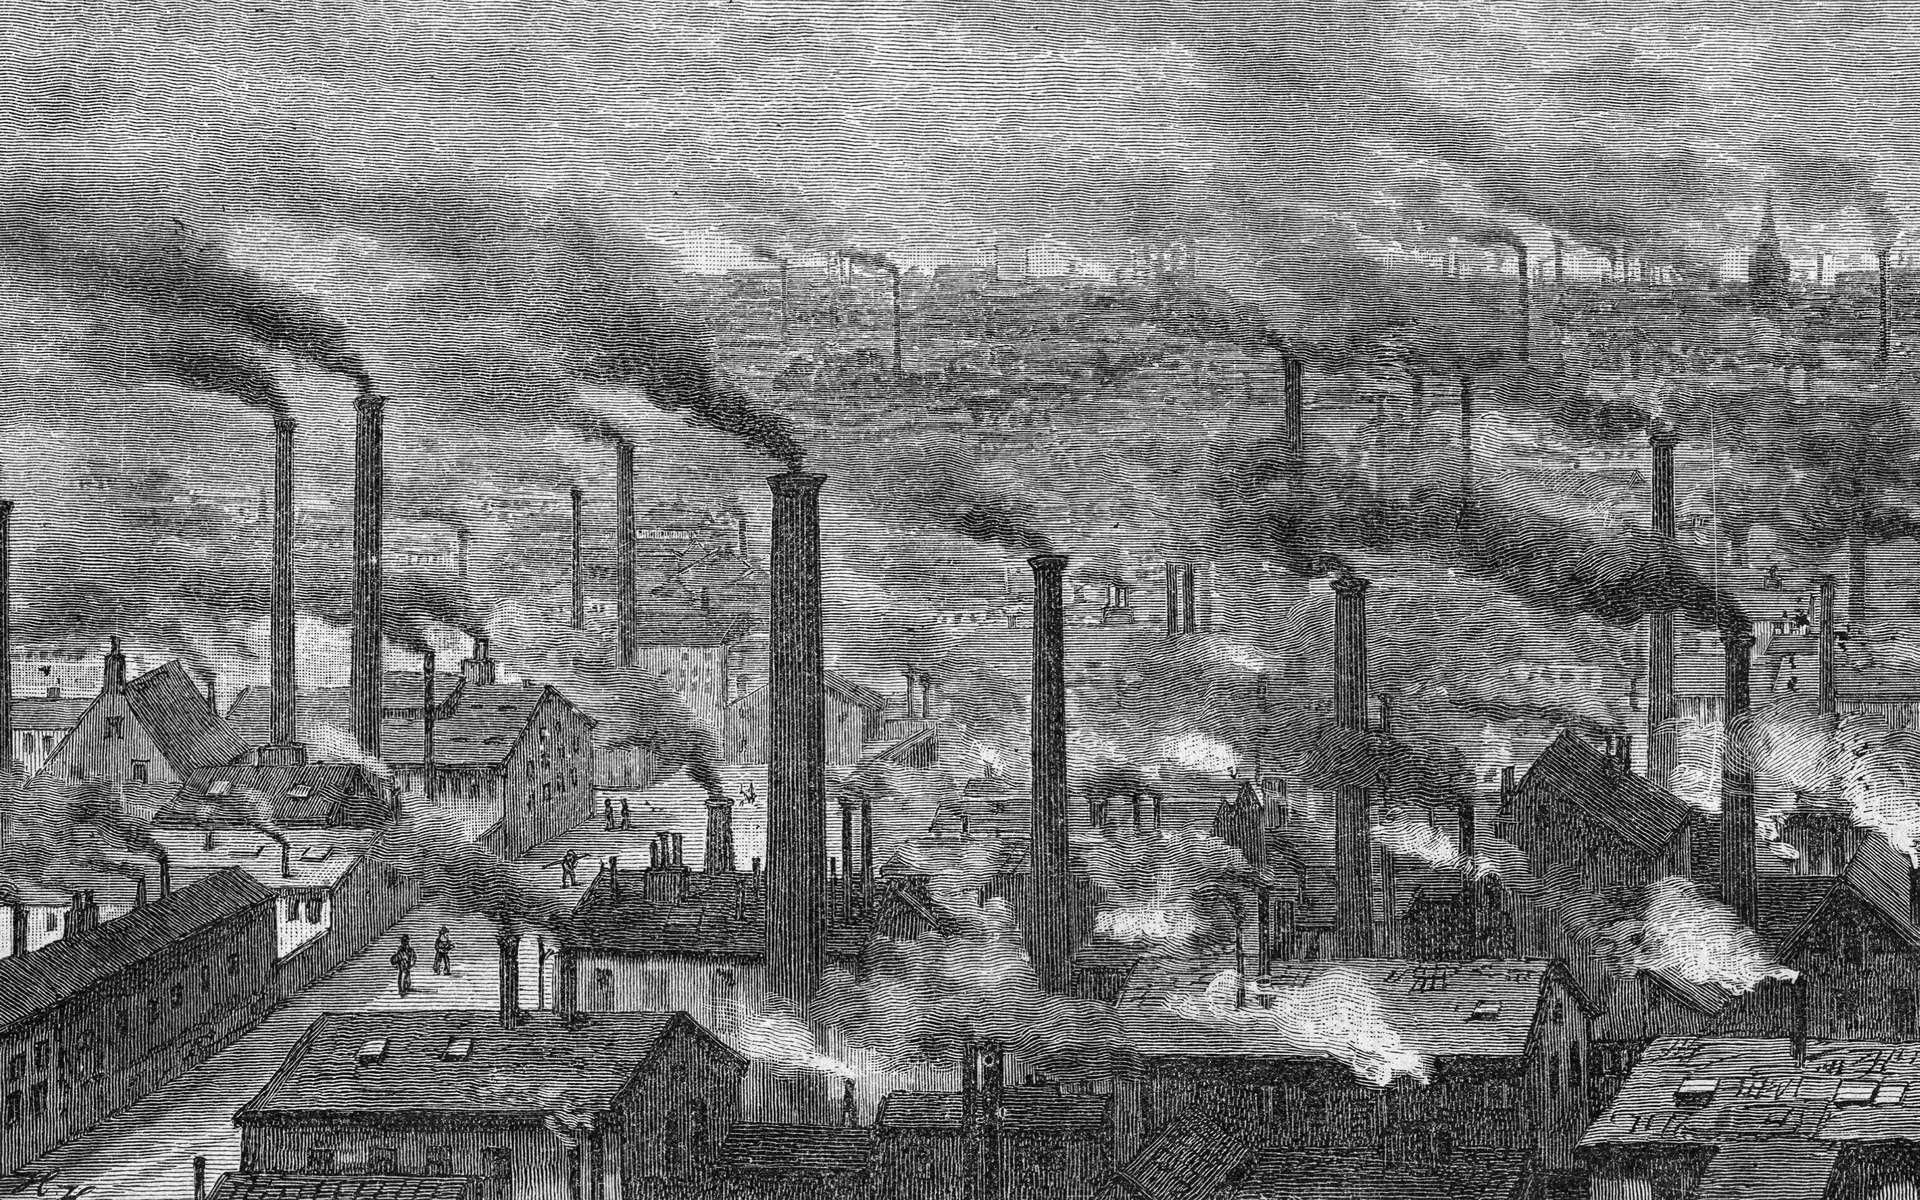 Gravure d'une ville industrielle en Angleterre à la fin du XIXe siècle. © DP